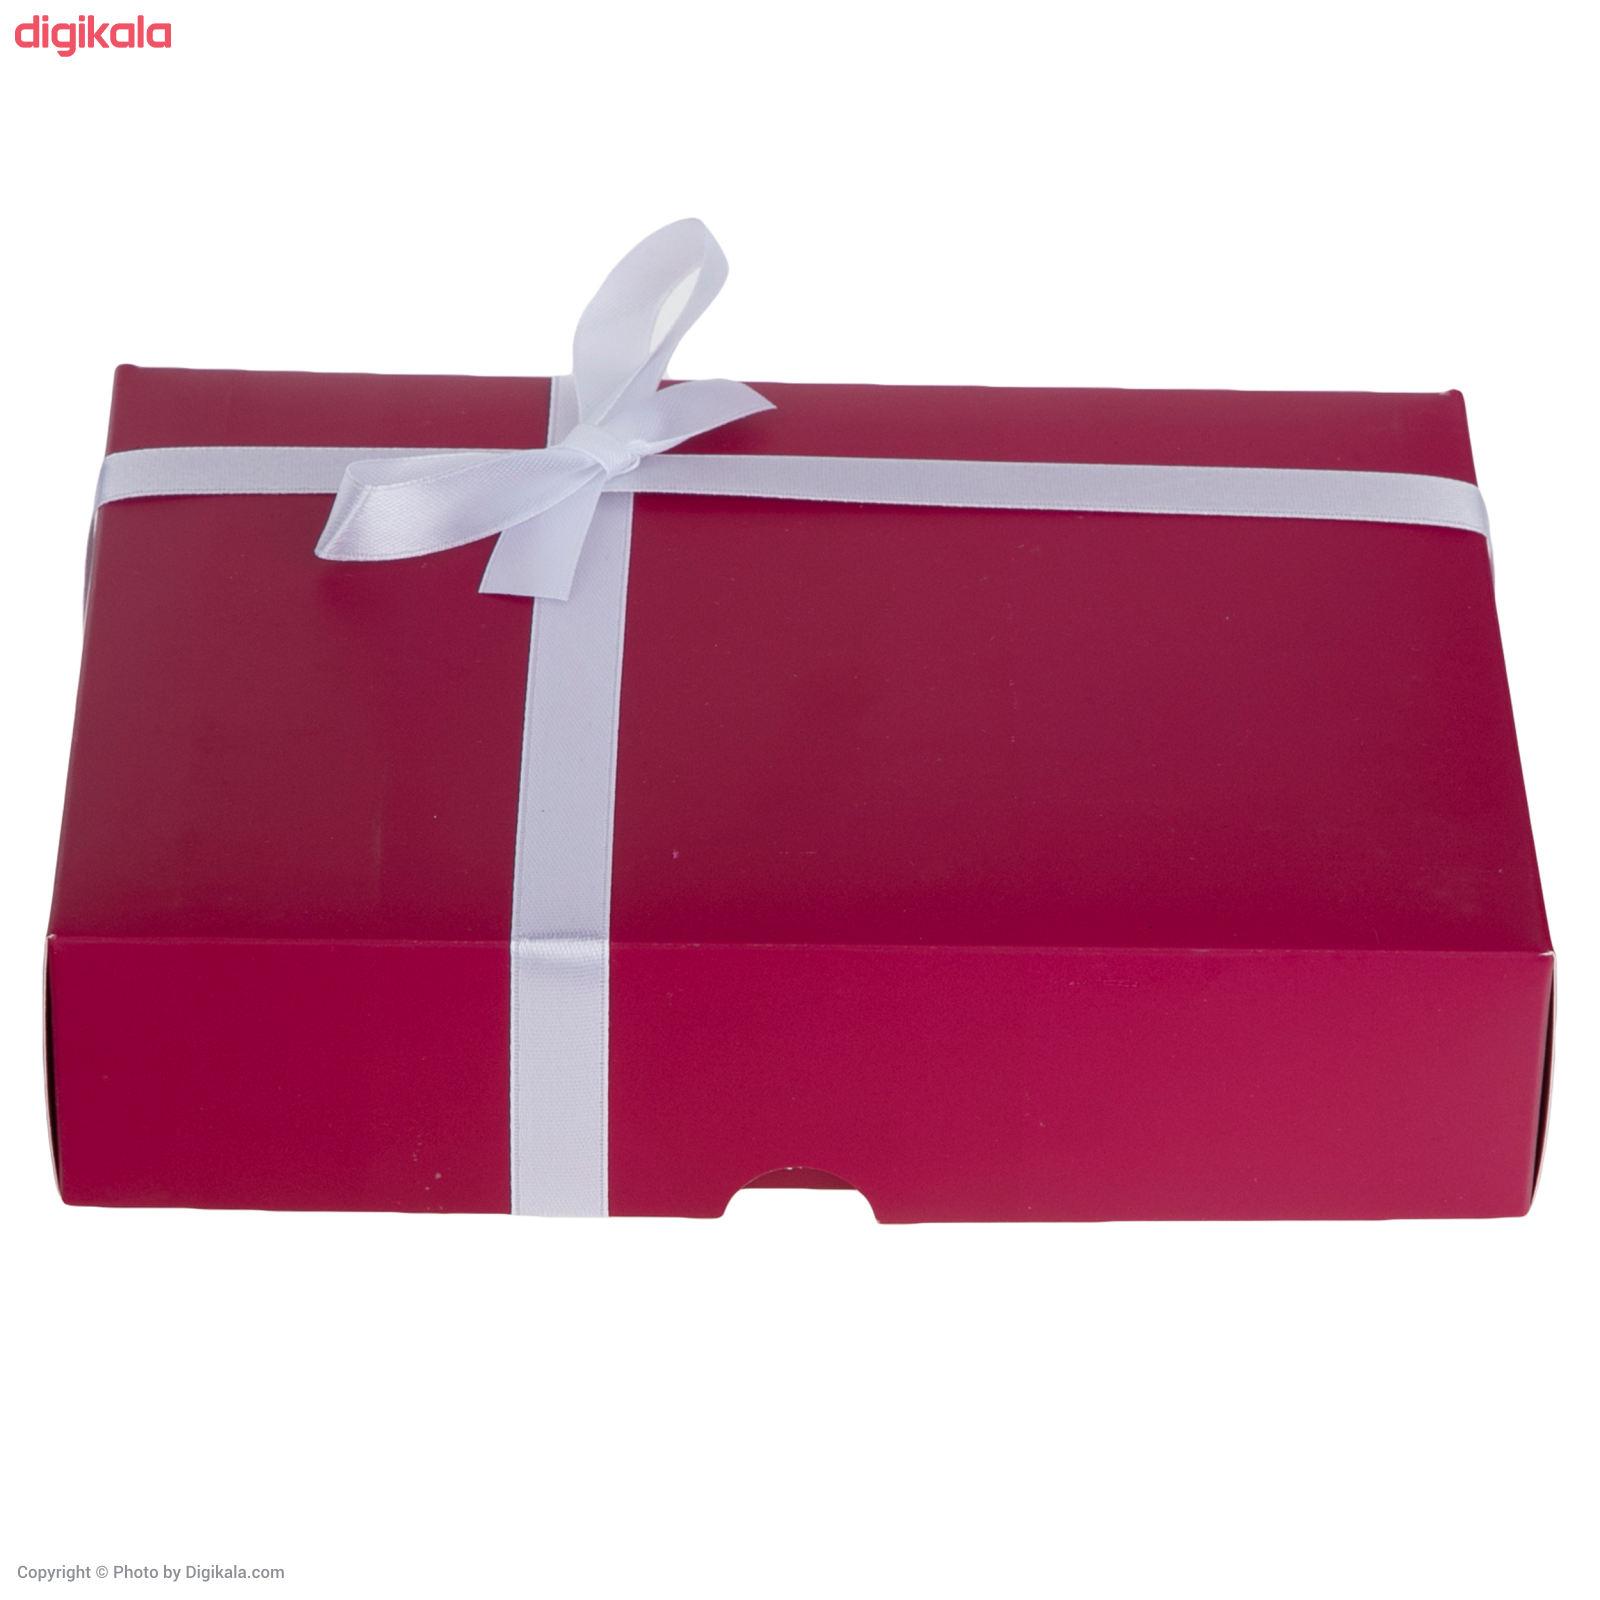 جعبه کارت هدیه دیجی کالا مدل 03 main 1 2